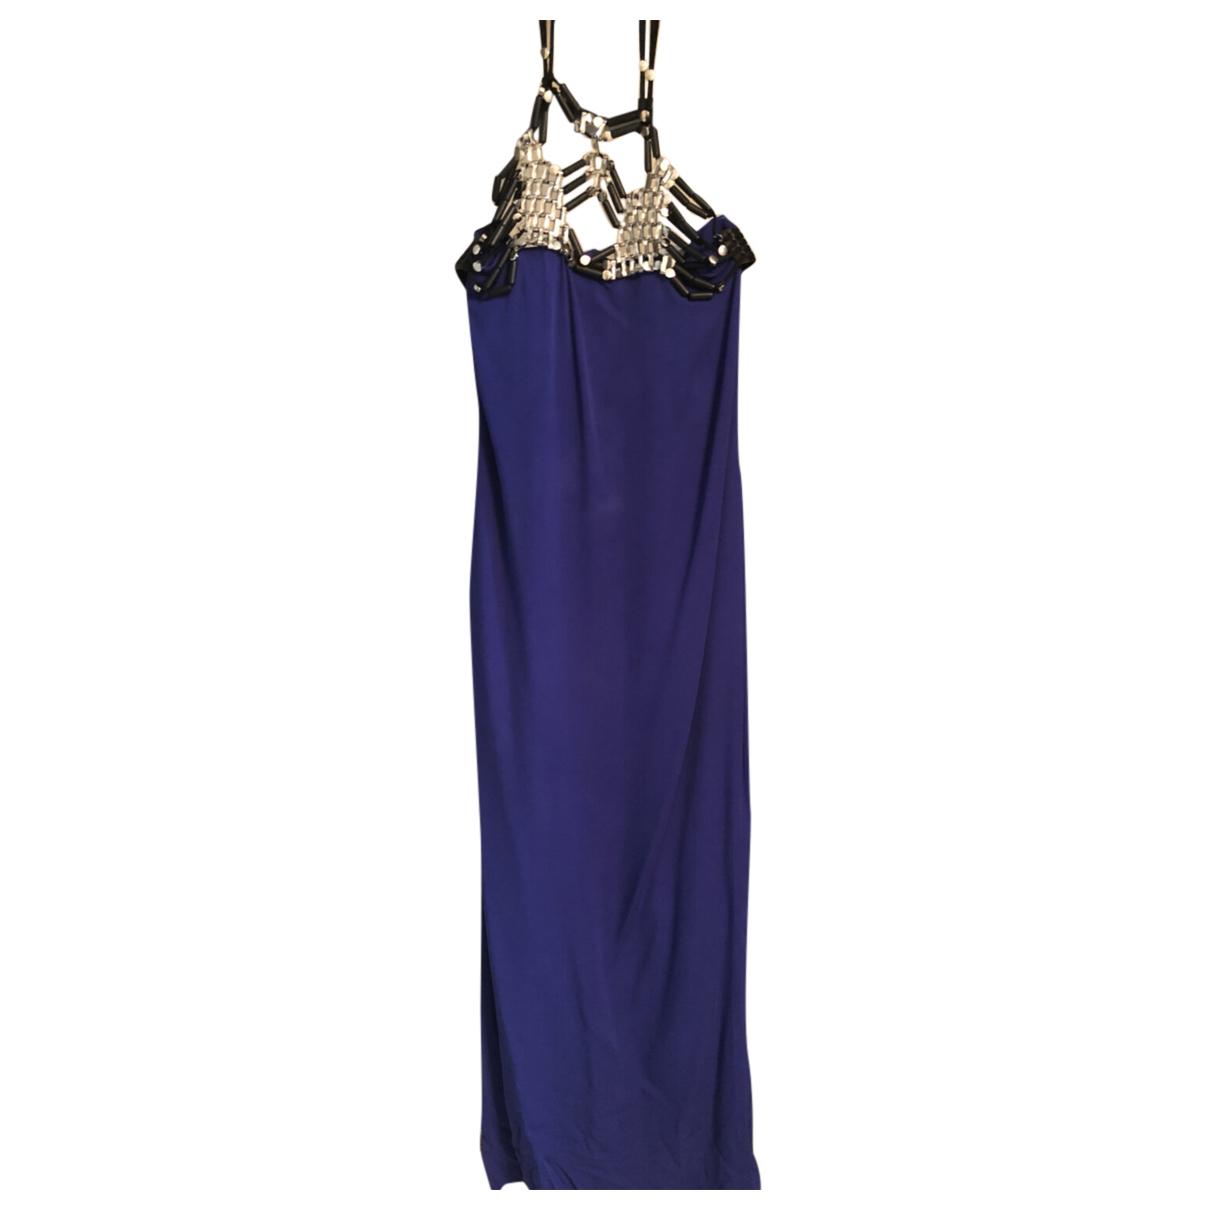 Gucci - Robe   pour femme en a paillettes - violet